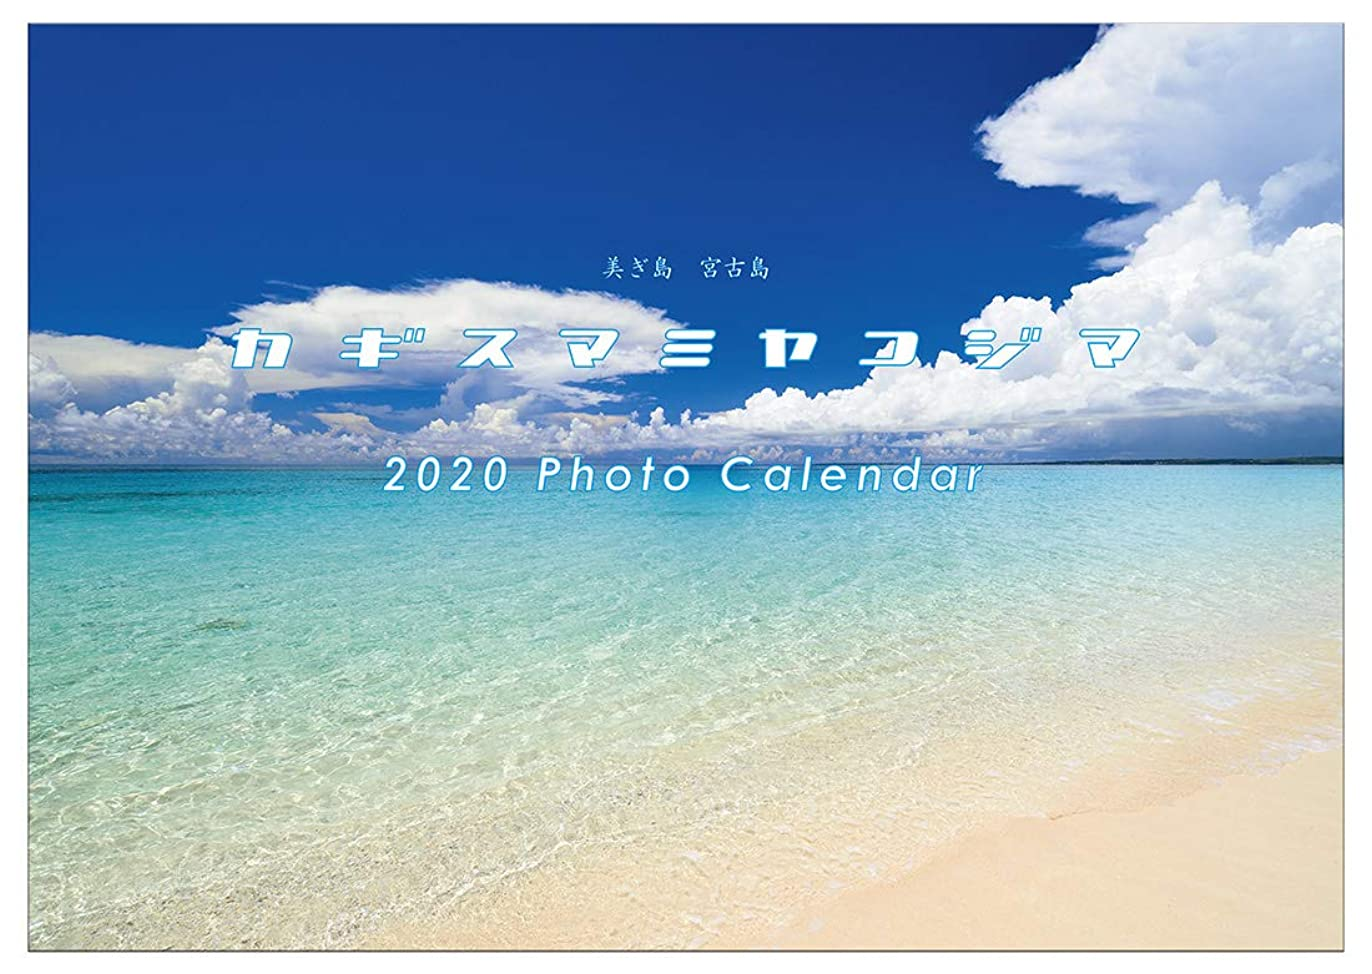 メイドアクティビティ普通にカギスマミヤコジマ(美ぎ島宮古島)2020年 Photo Calendar